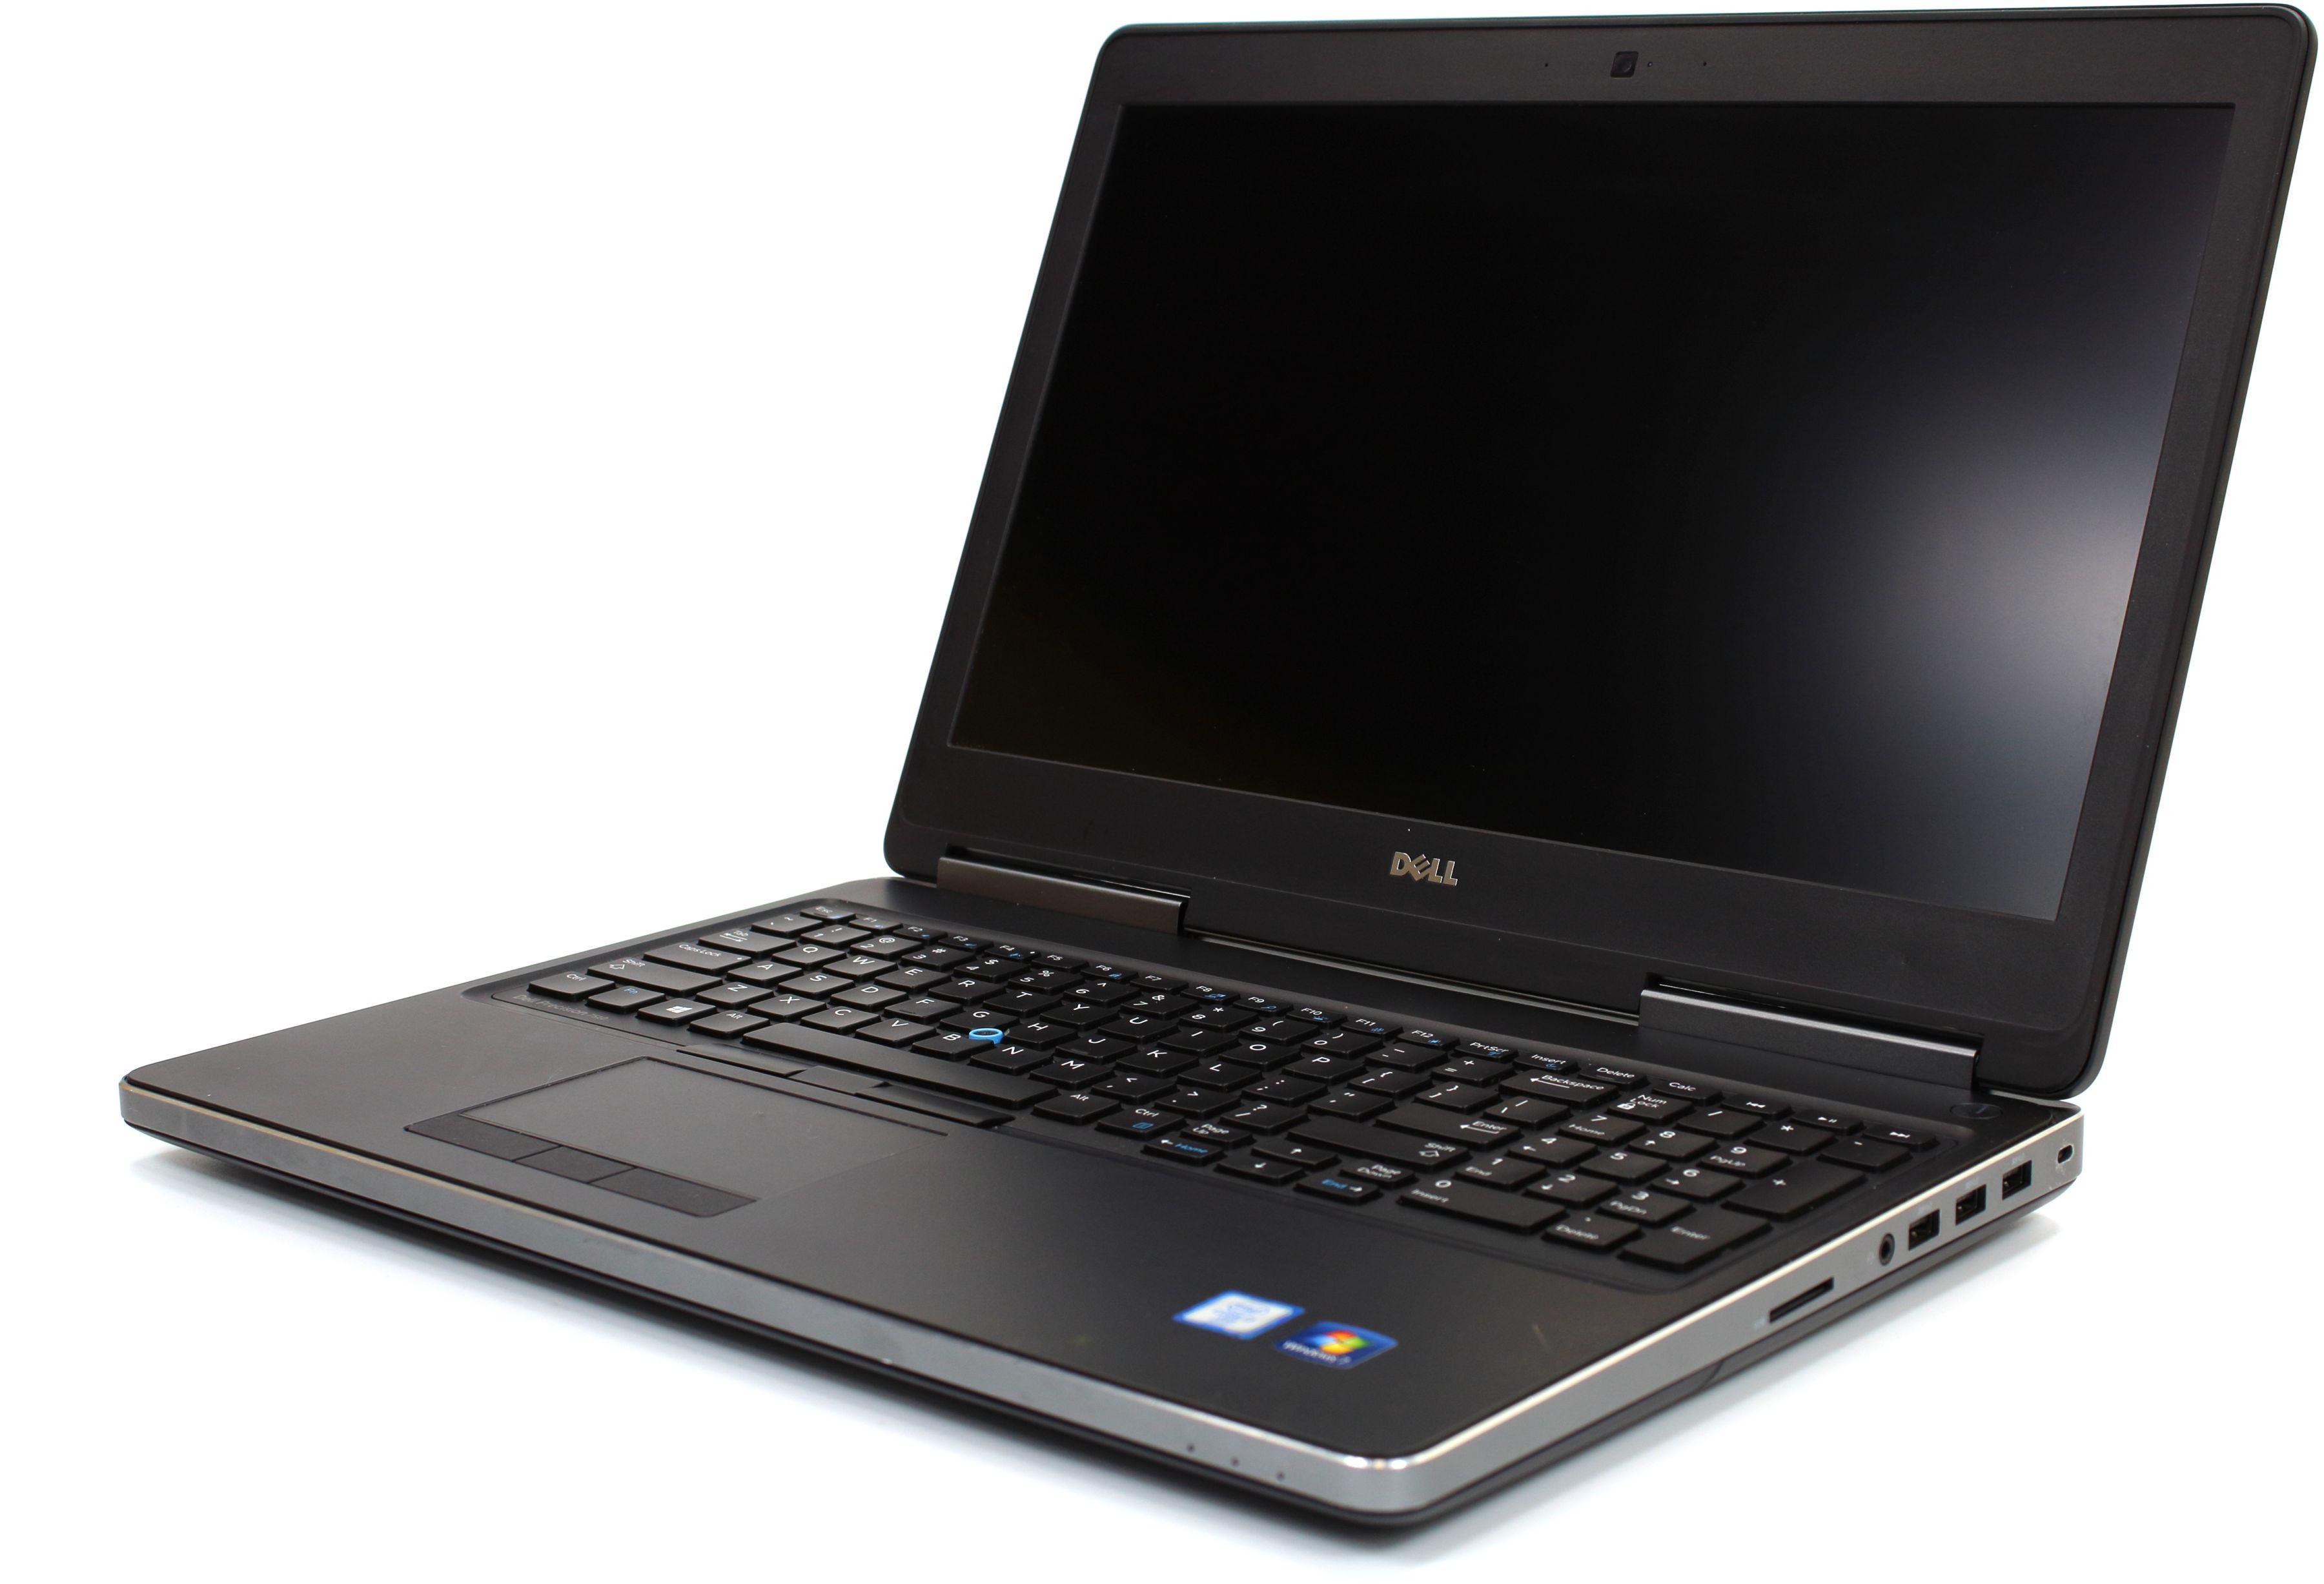 """DELL Precision 7510 15,6"""" FHD IPS i7-6820HQ 32GB 256GB SSD nVidia M2000M - Windows 7 Pro"""